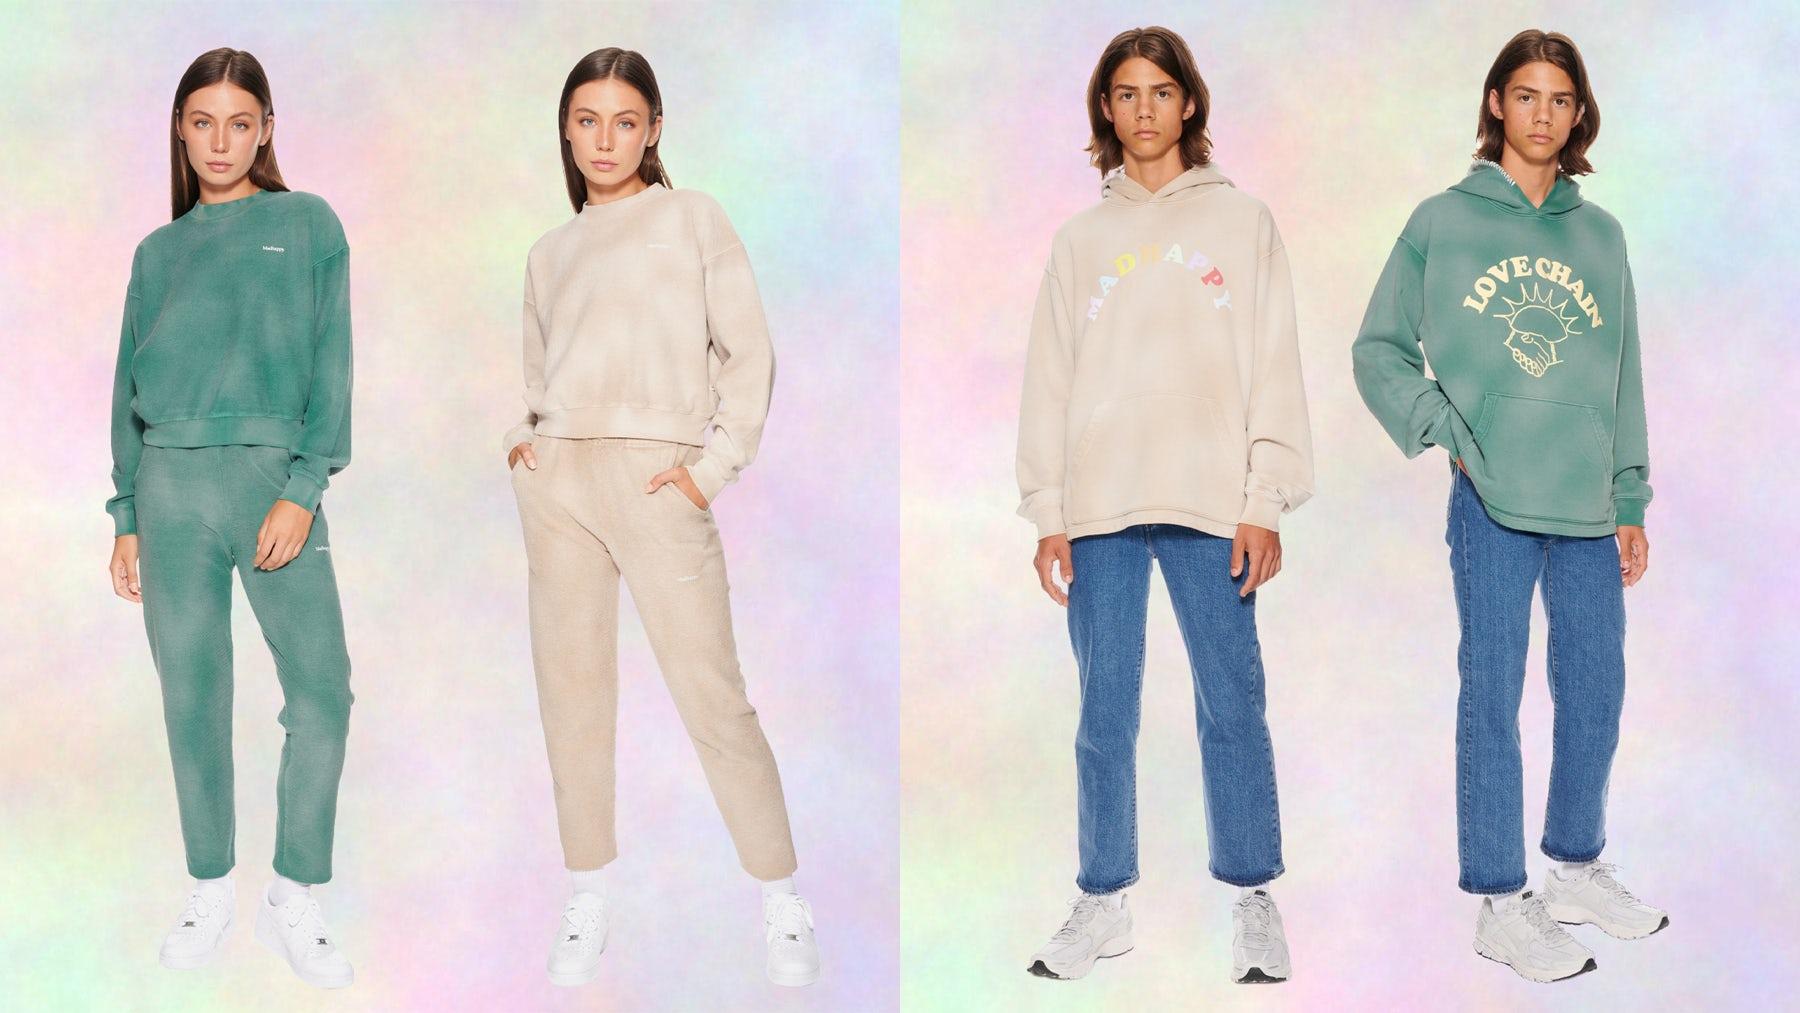 LVMH Invests in a Gen Z Streetwear Brand